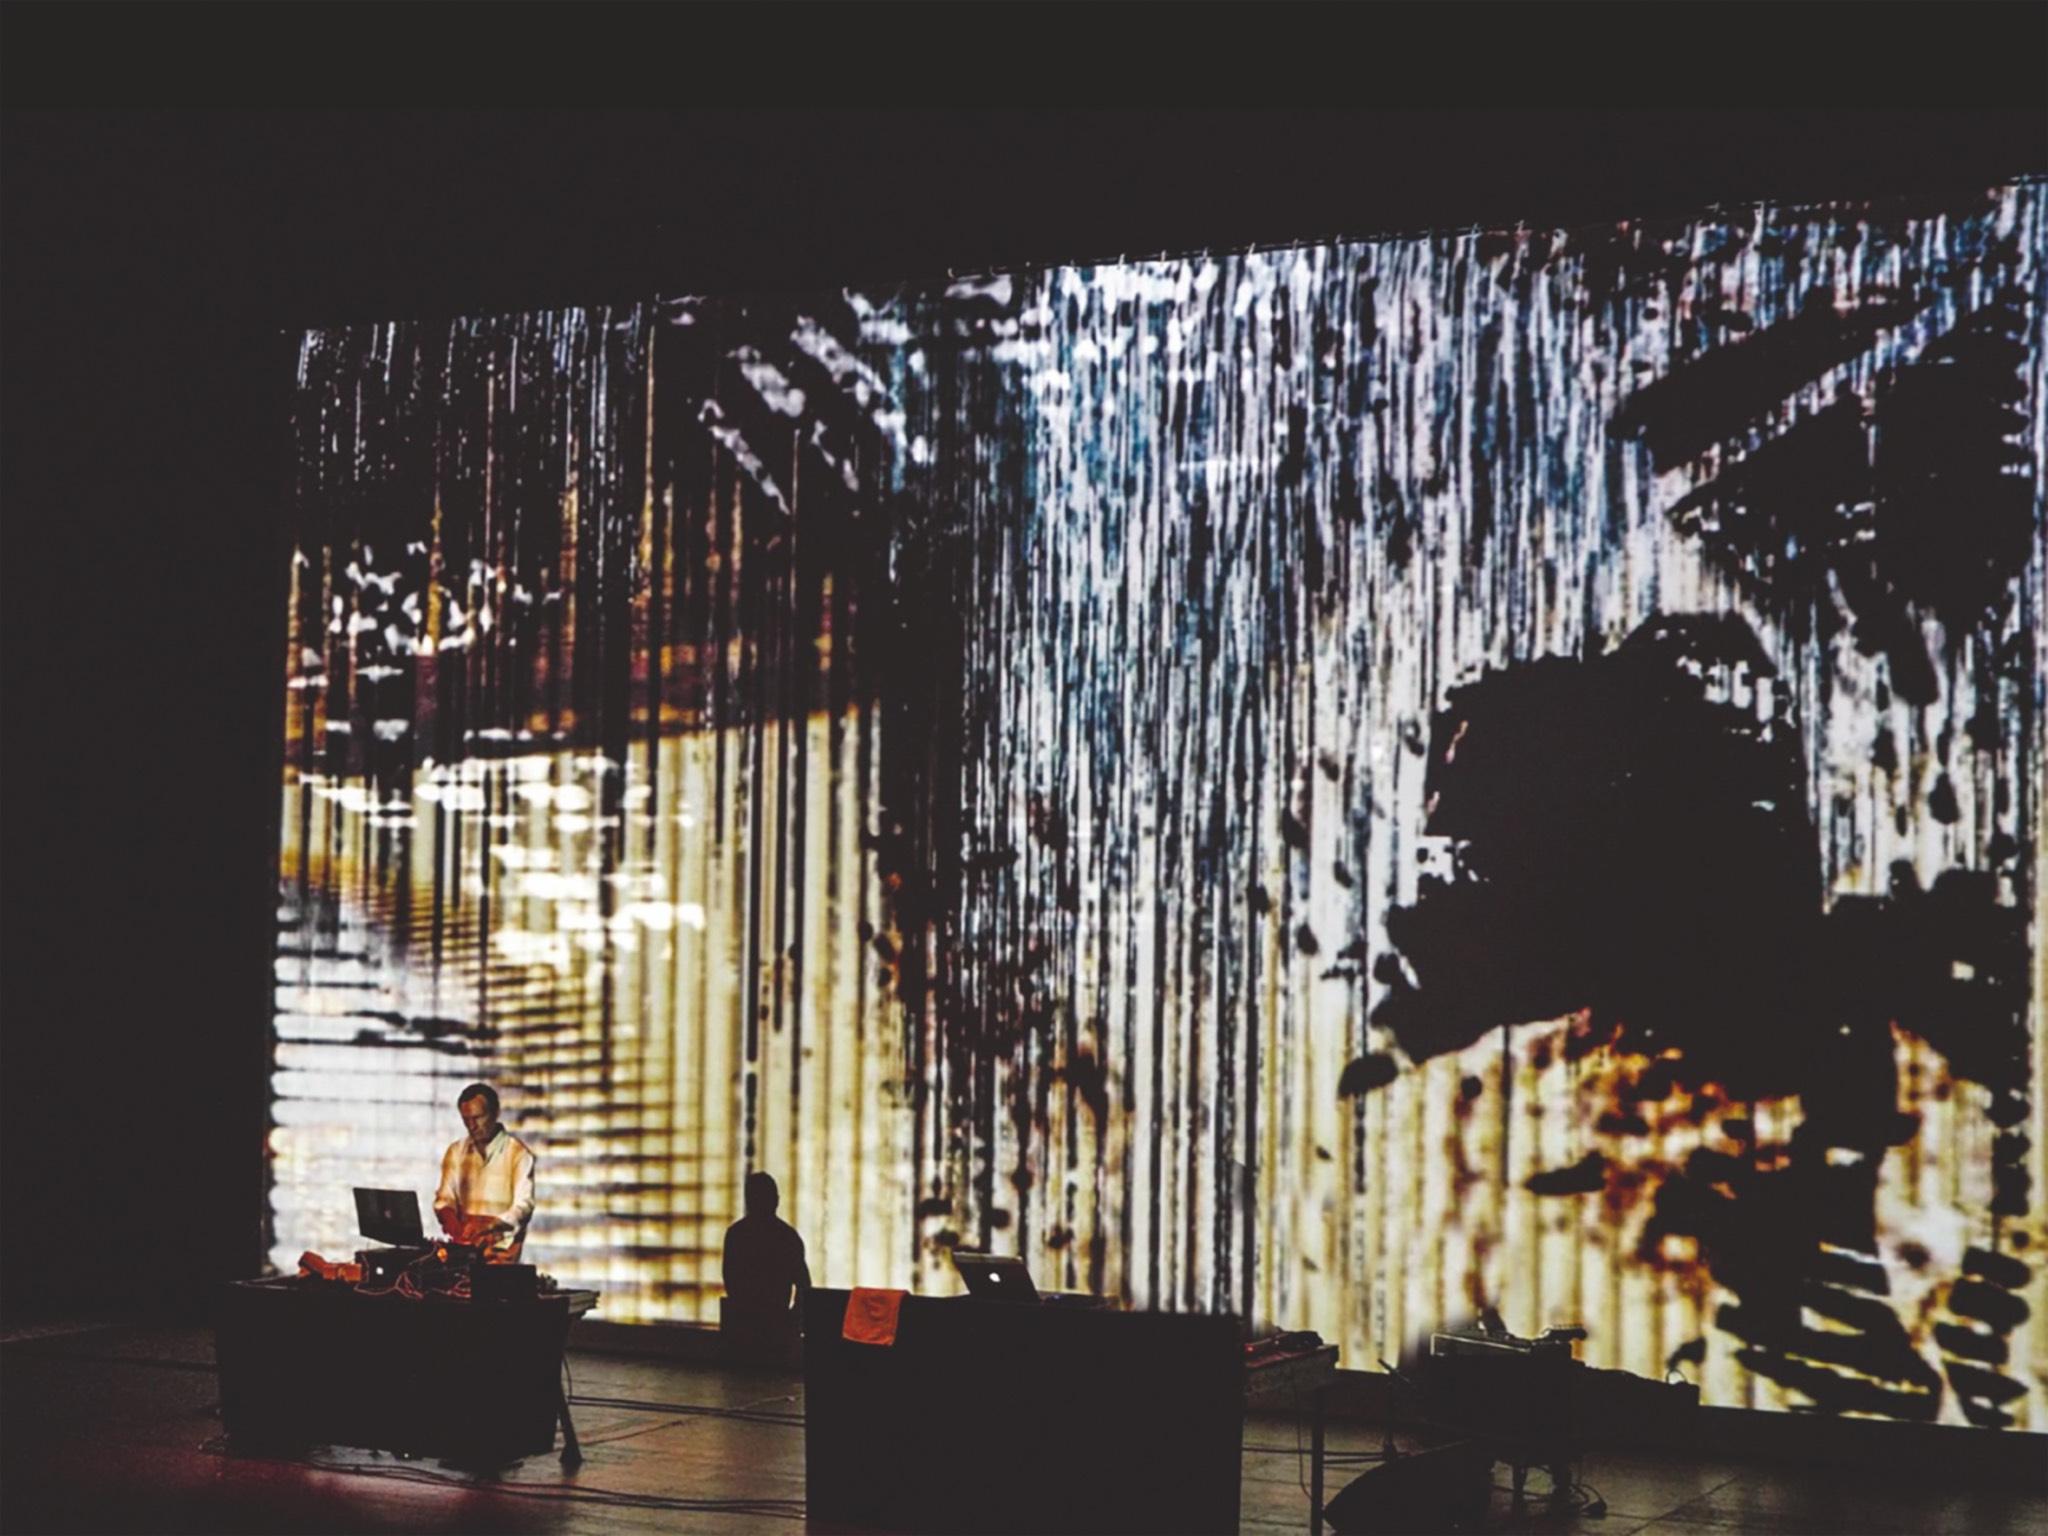 Installation des Künstlers Lillevan. Foto: Lillevan